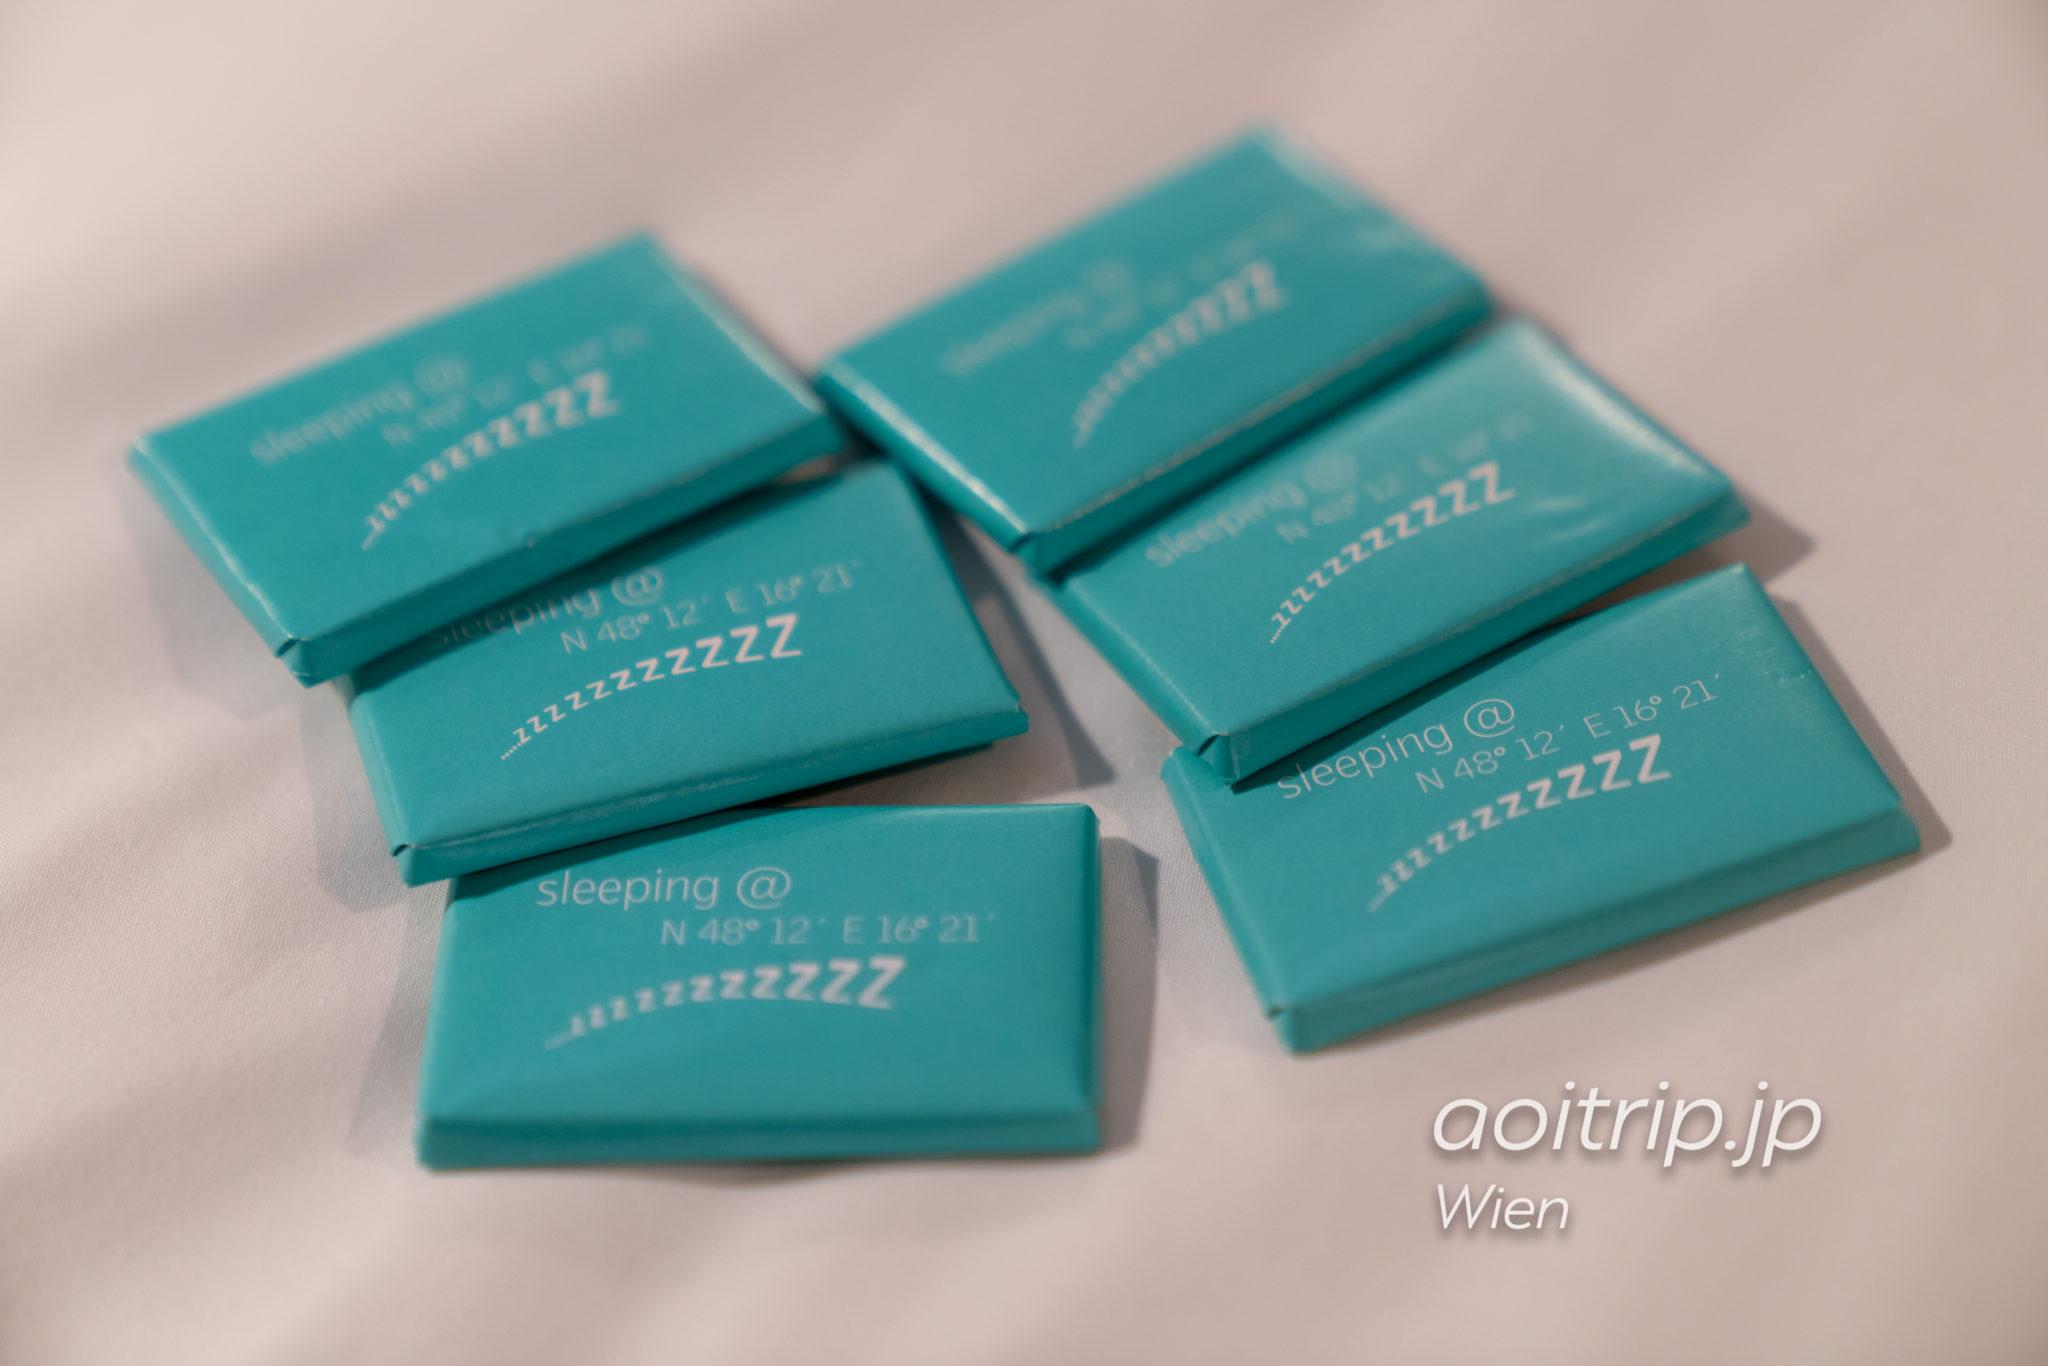 ルメリディアンウィーン ウェルカムチョコレート